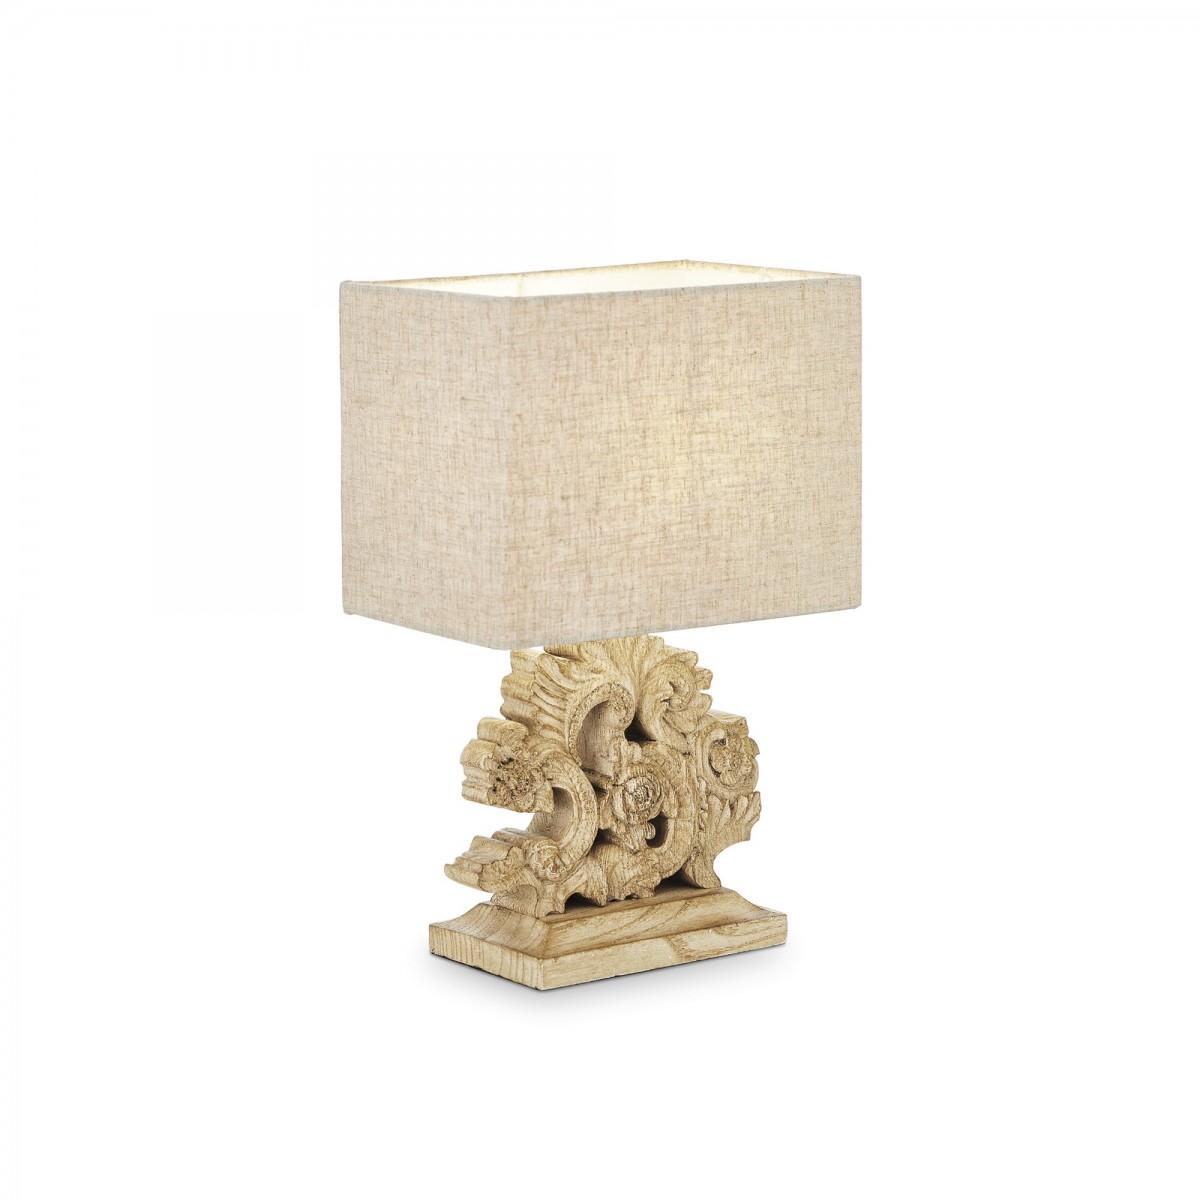 stolní lampa Ideal lux Peter TL1 094021 1x40W E14 - stylové komplexní osvětlení